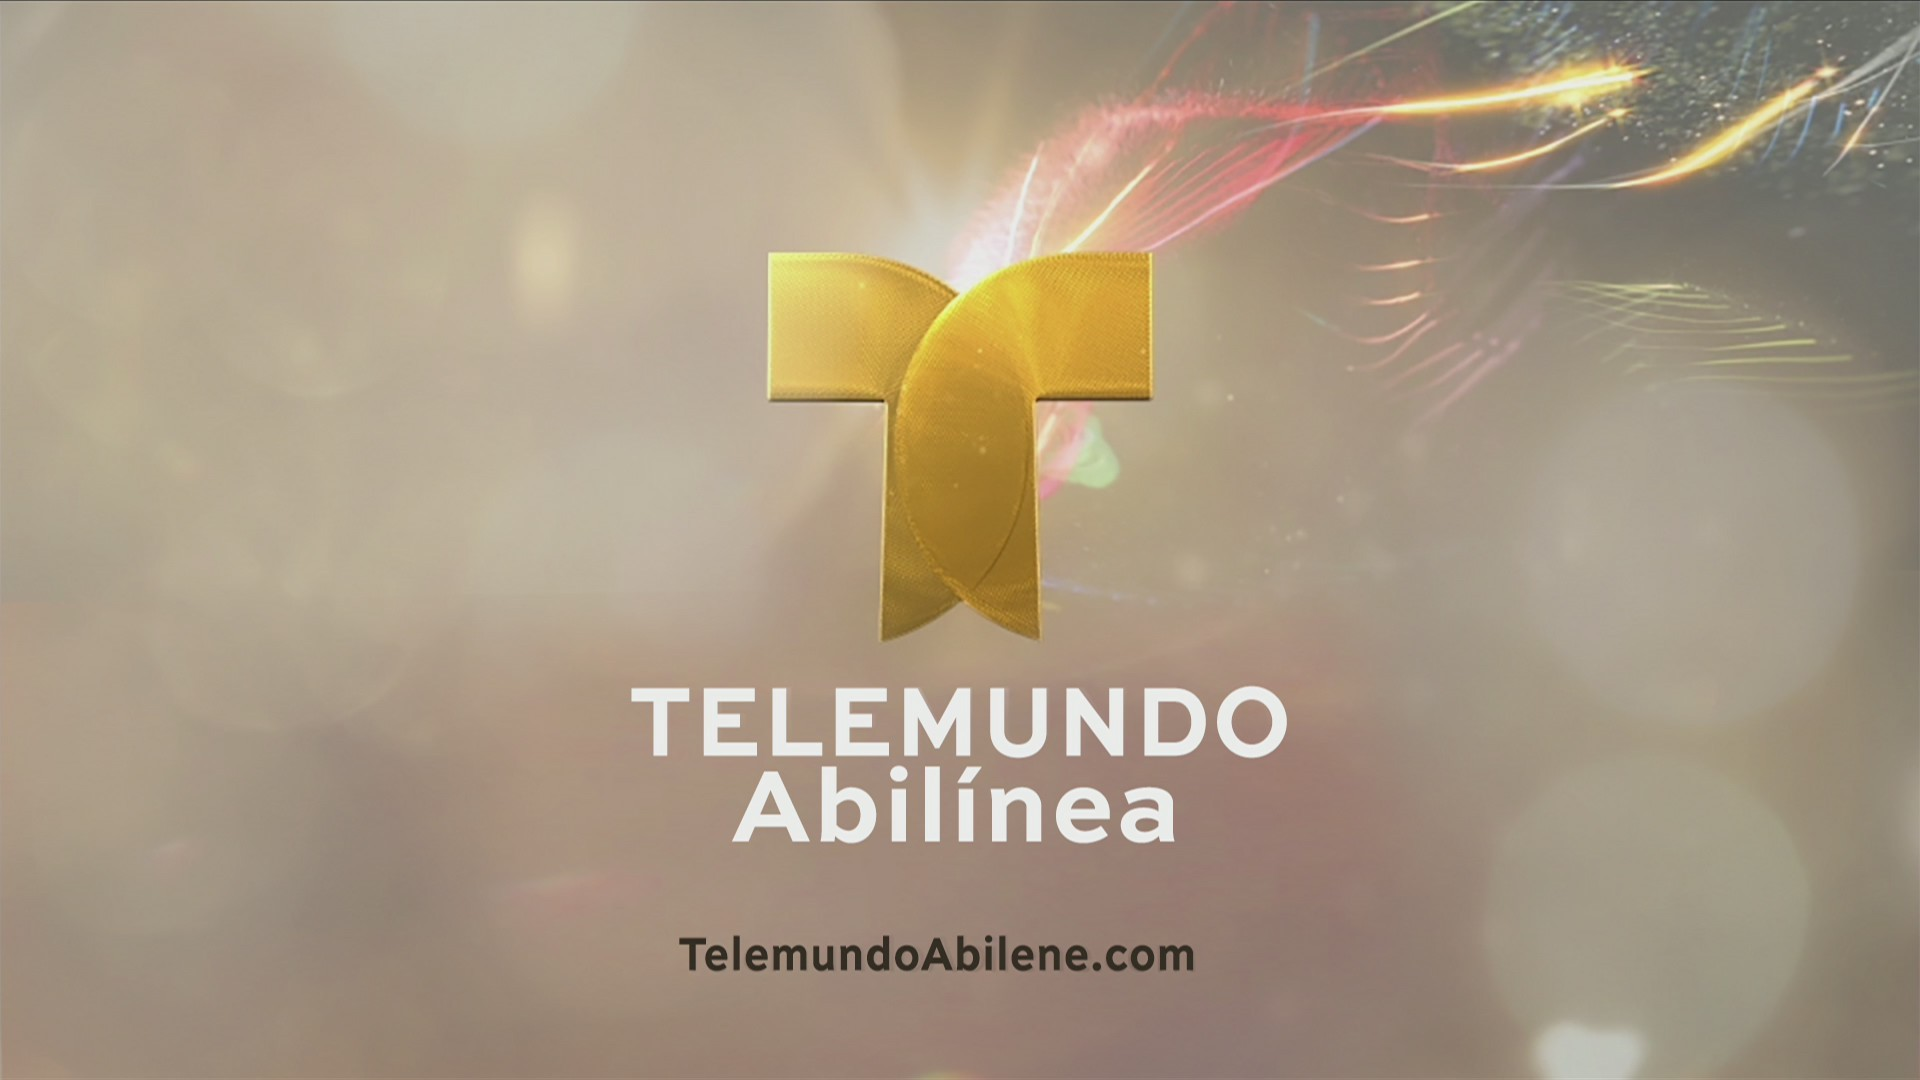 Telemundo Abilínea - 25 de abril, 2019